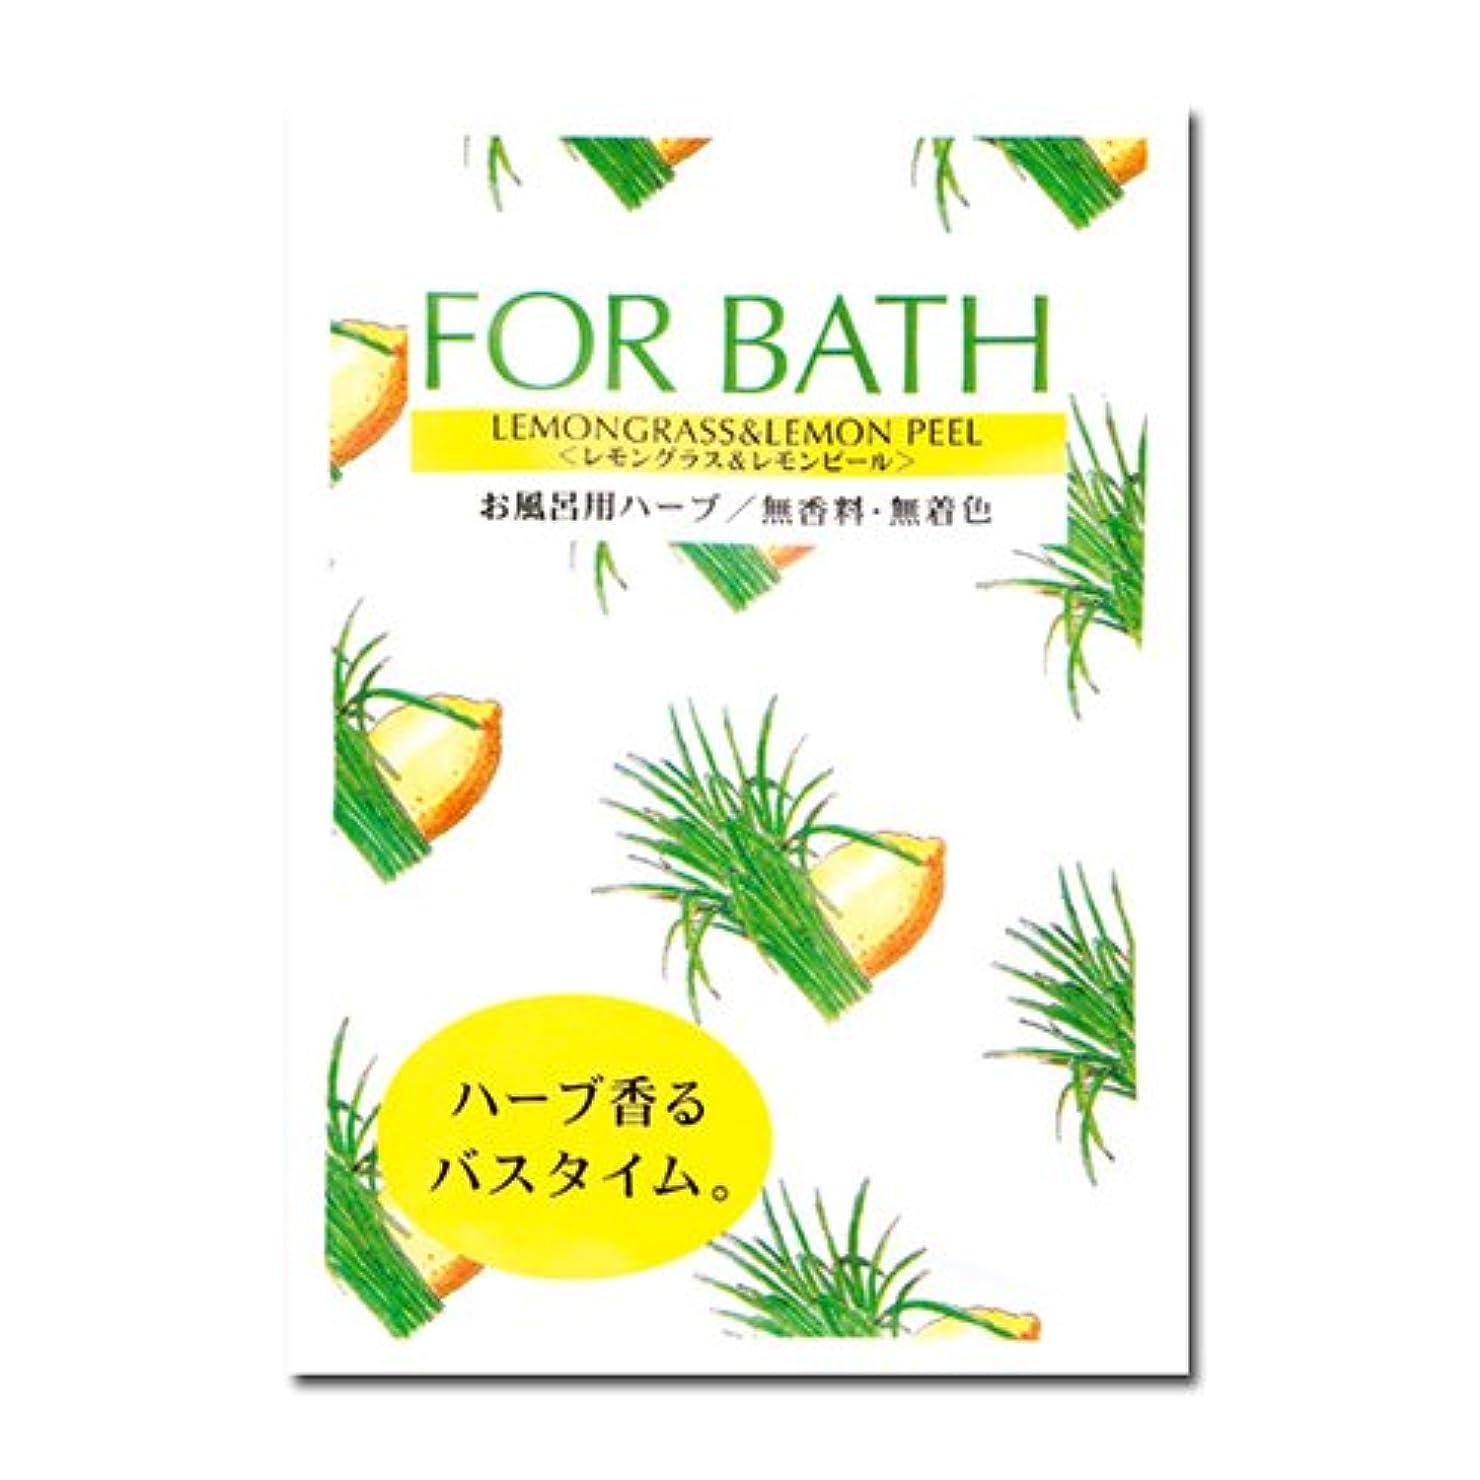 終わり哲学博士ピースフォアバス レモングラス&レモンピールx30袋[フォアバス/入浴剤/ハーブ]